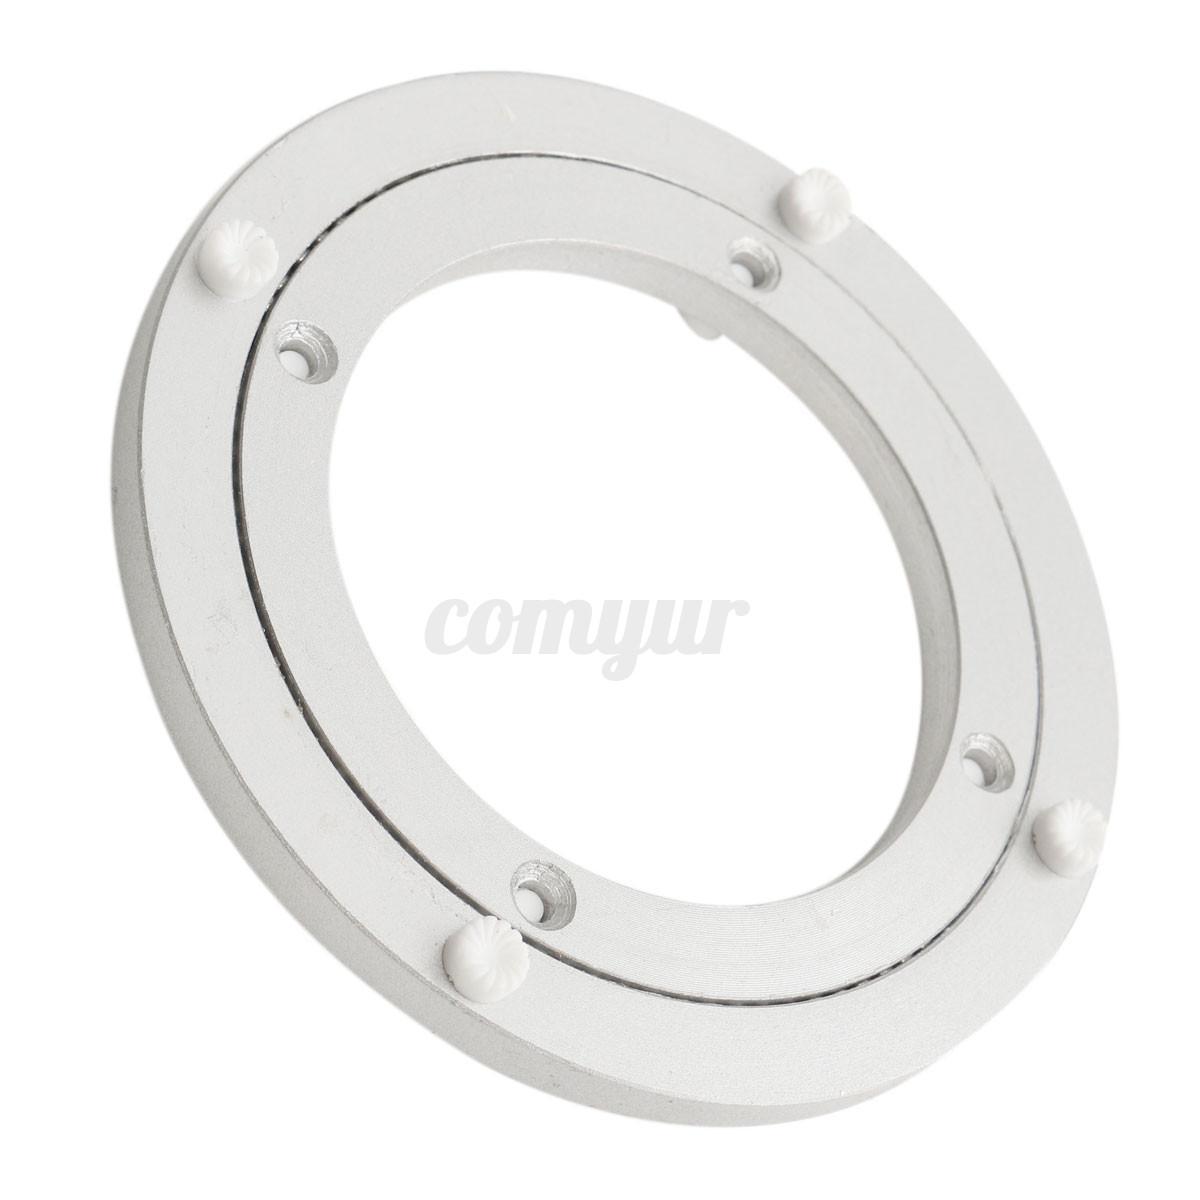 Aluminium Lazy Susan Swivel Bearing Turntable Table Plate 5 8 10 12 16 18 ''  UK